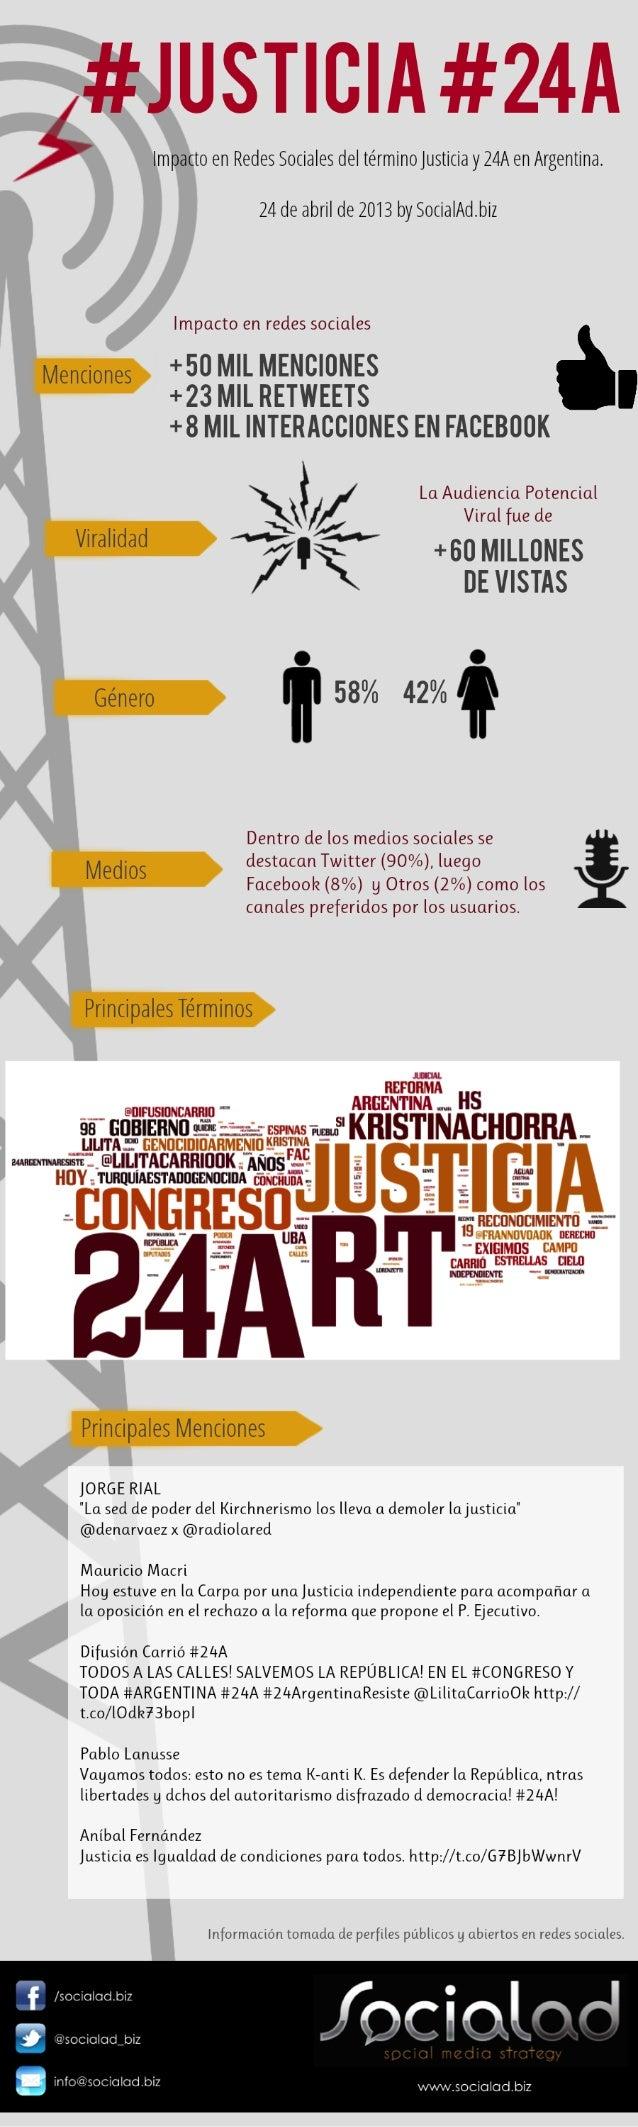 #24A, Justicia en Argentina by SocialAd